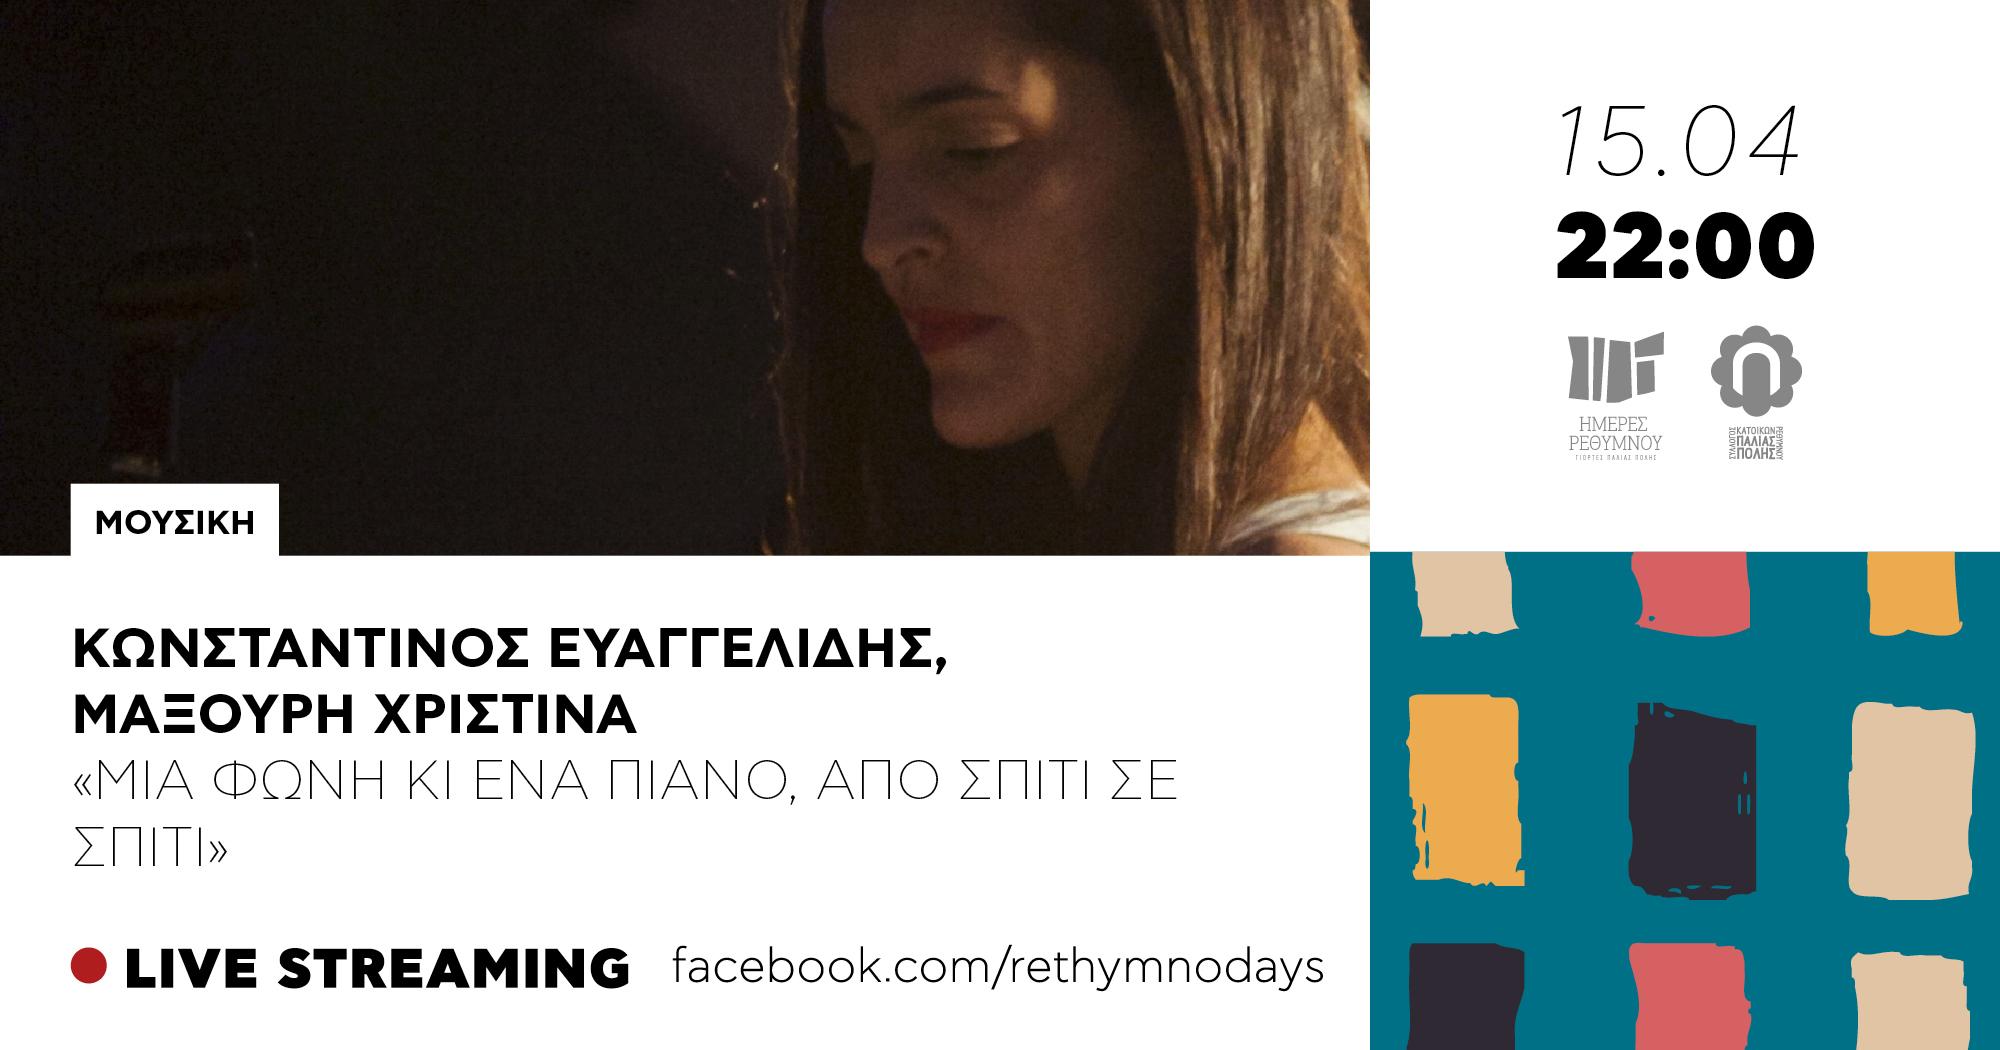 """Κωνσταντίνος Ευαγγελίδης, Χριστίνα Μαξούρη """"Μια φωνή κι ένα πιάνο, από σπίτι σε σπίτι"""""""